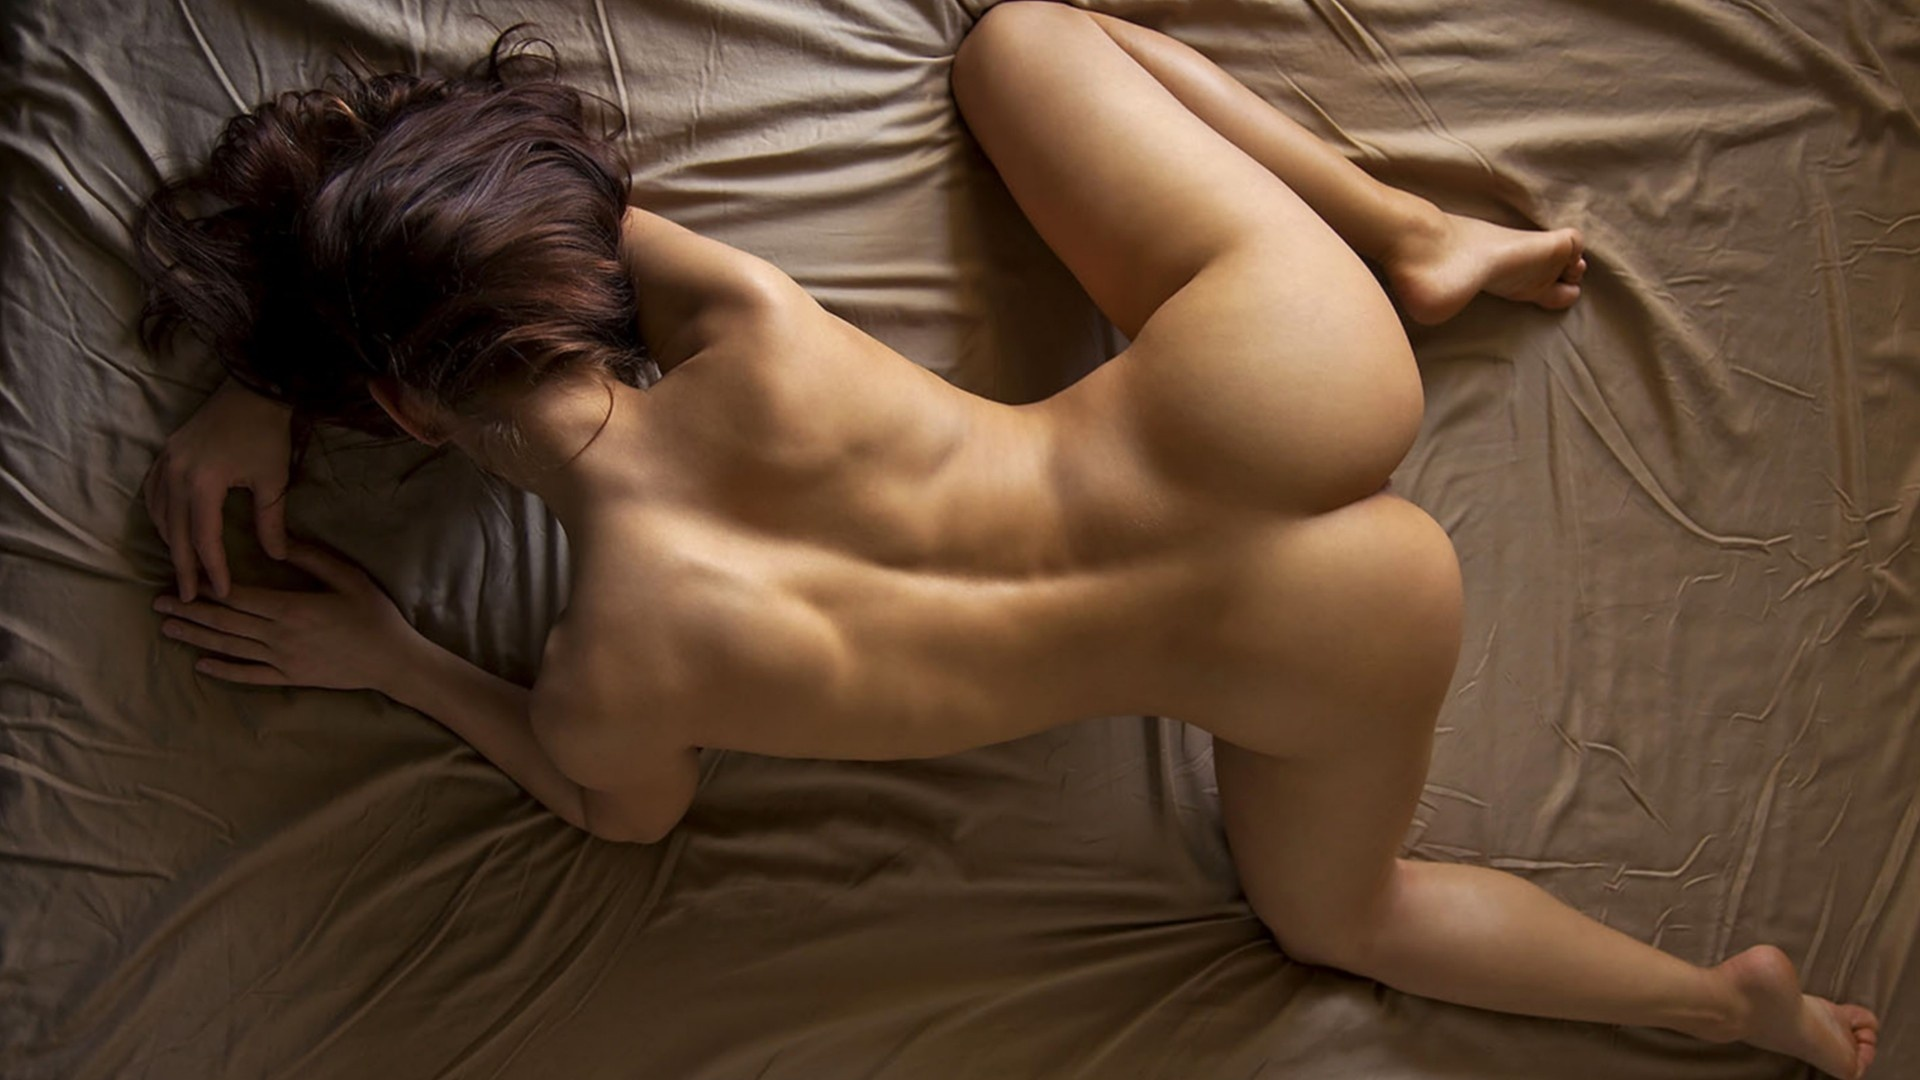 Erotica lit free confessions, elliot reid erotik video